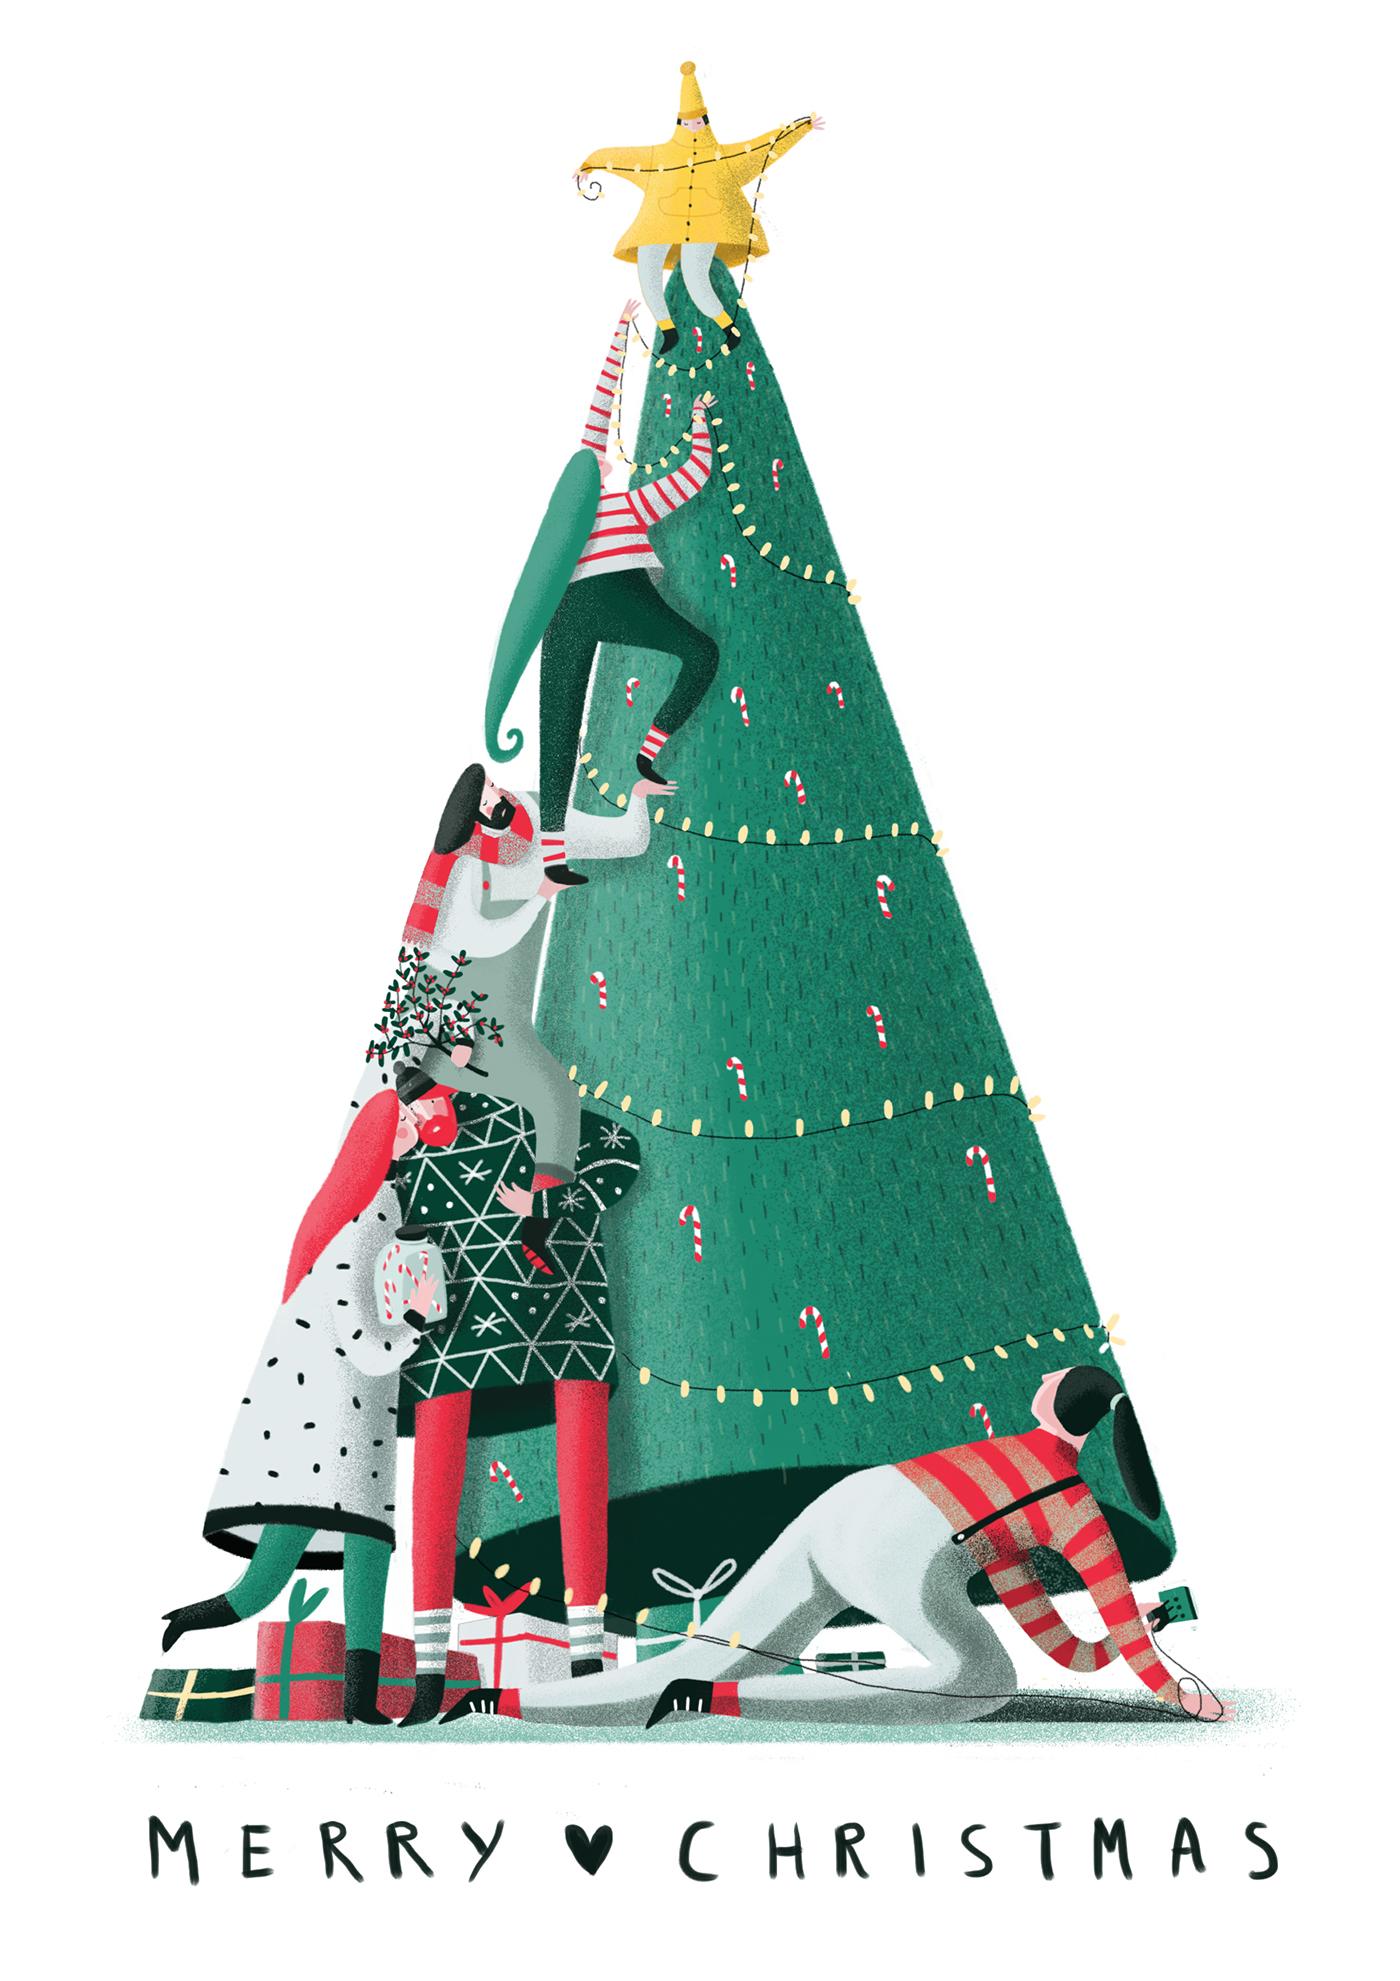 精品的19款聖誕節插圖欣賞